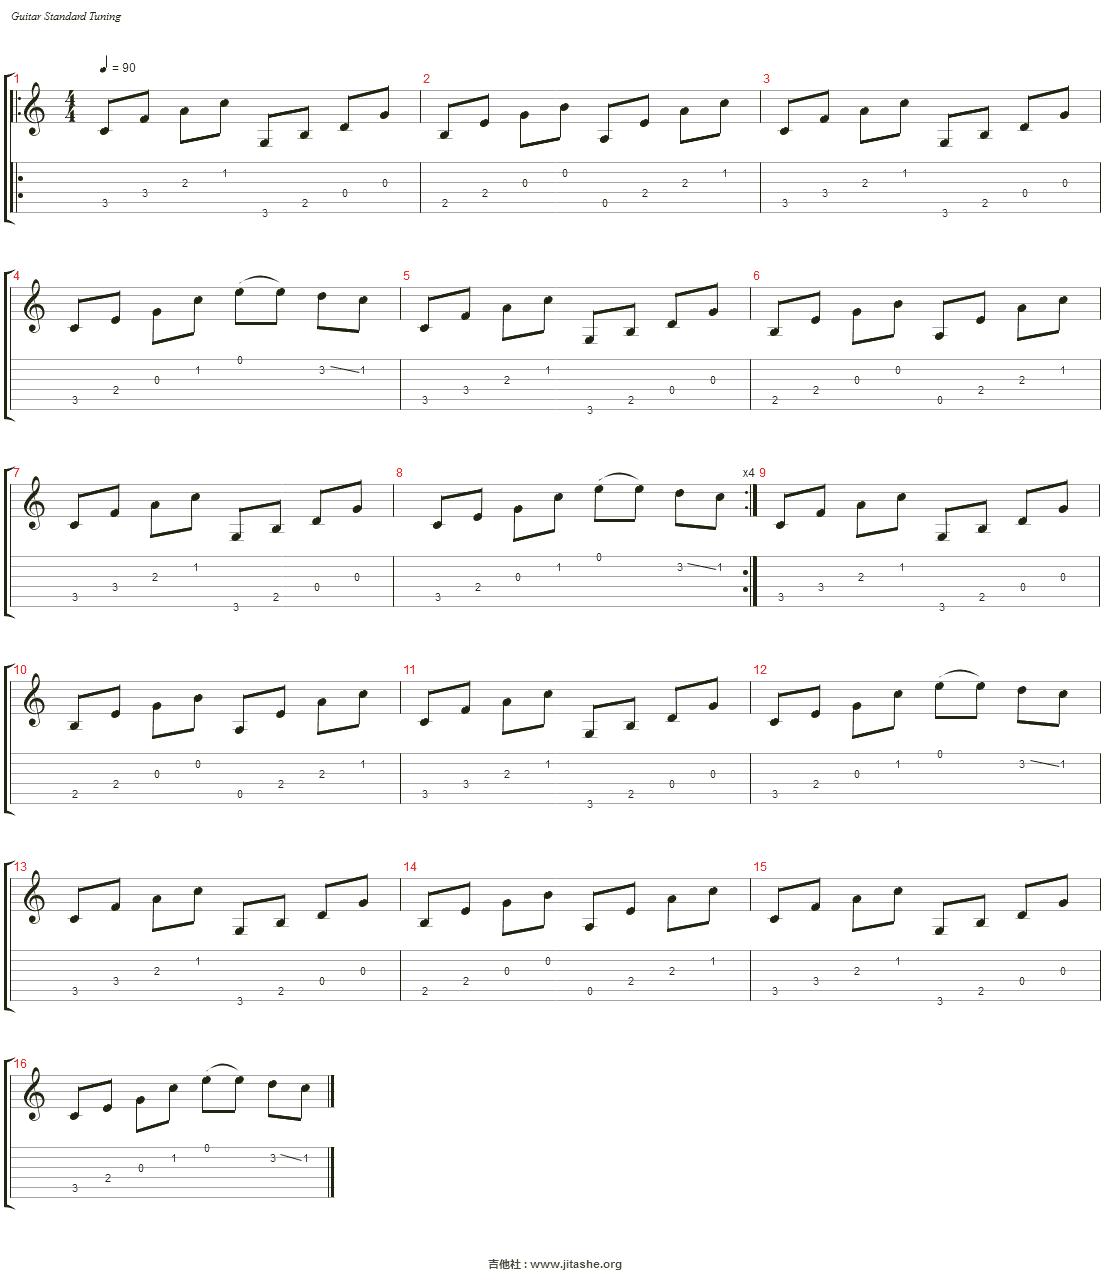 花 が とぶ 飛ぶ(Flower Fly)吉他谱(Steel Guitar)_邱有句